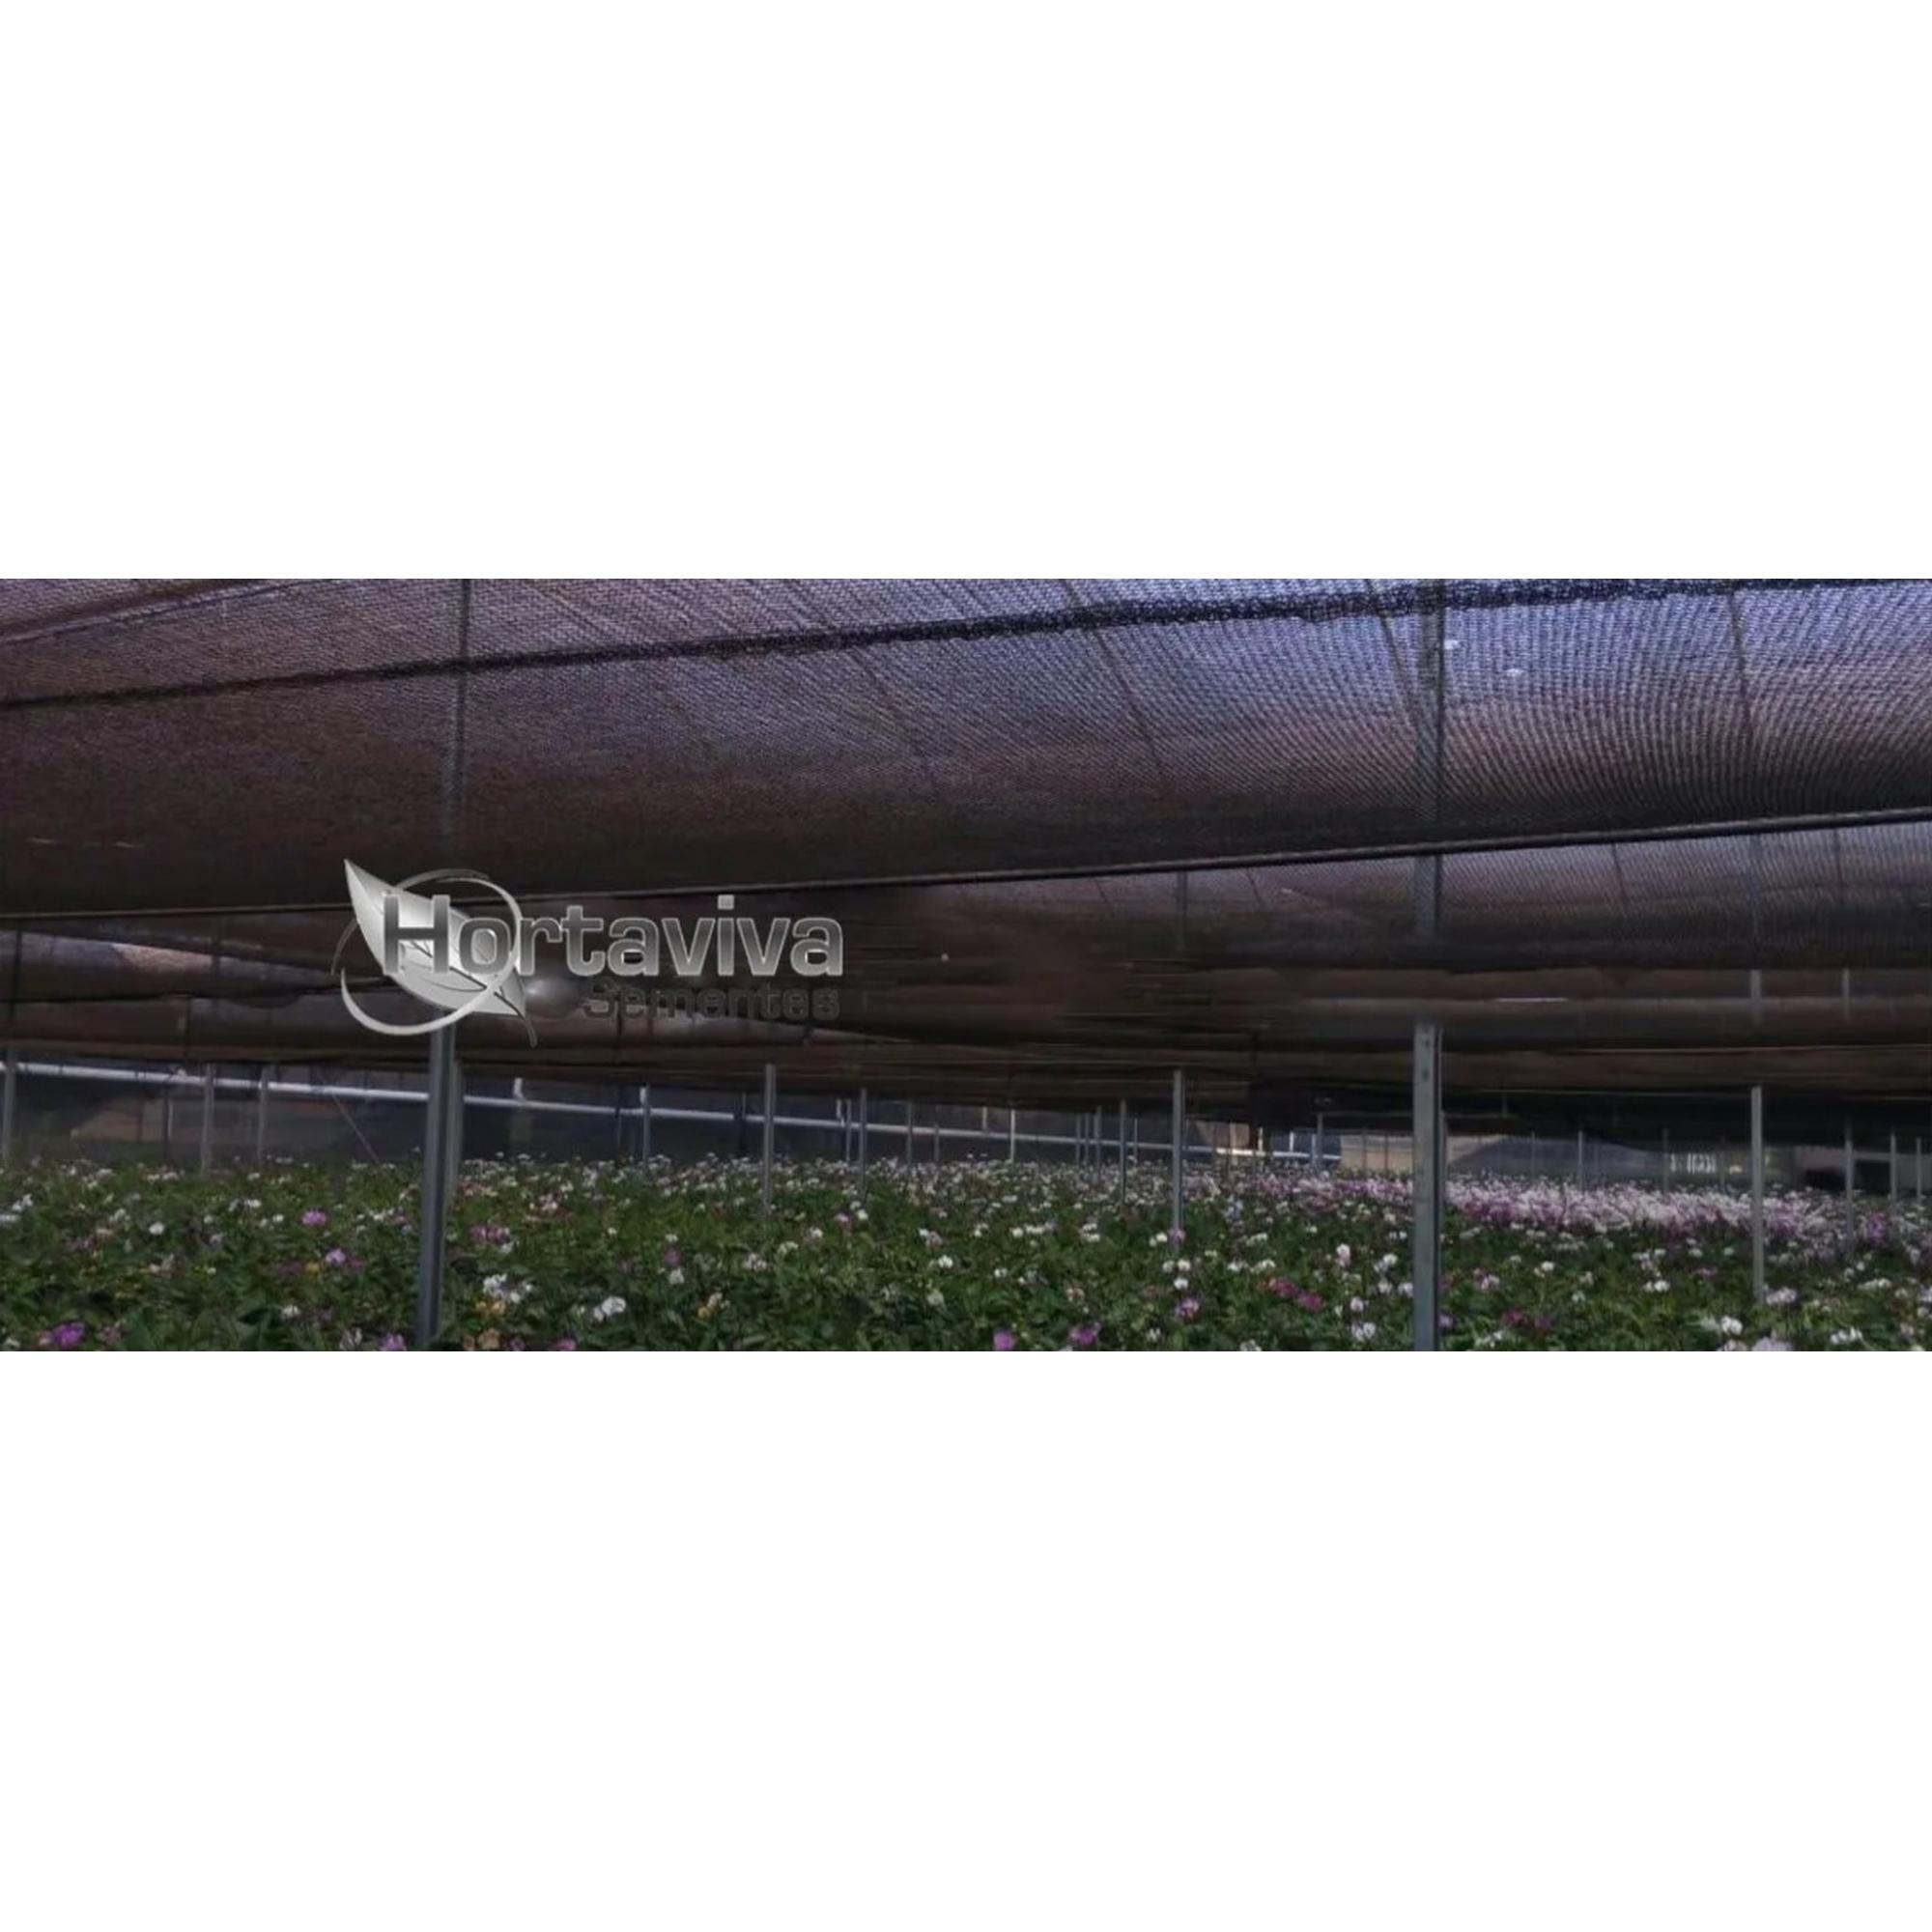 Tela de Sombreamento Preta 50% - 4 Metros x 60 Metros